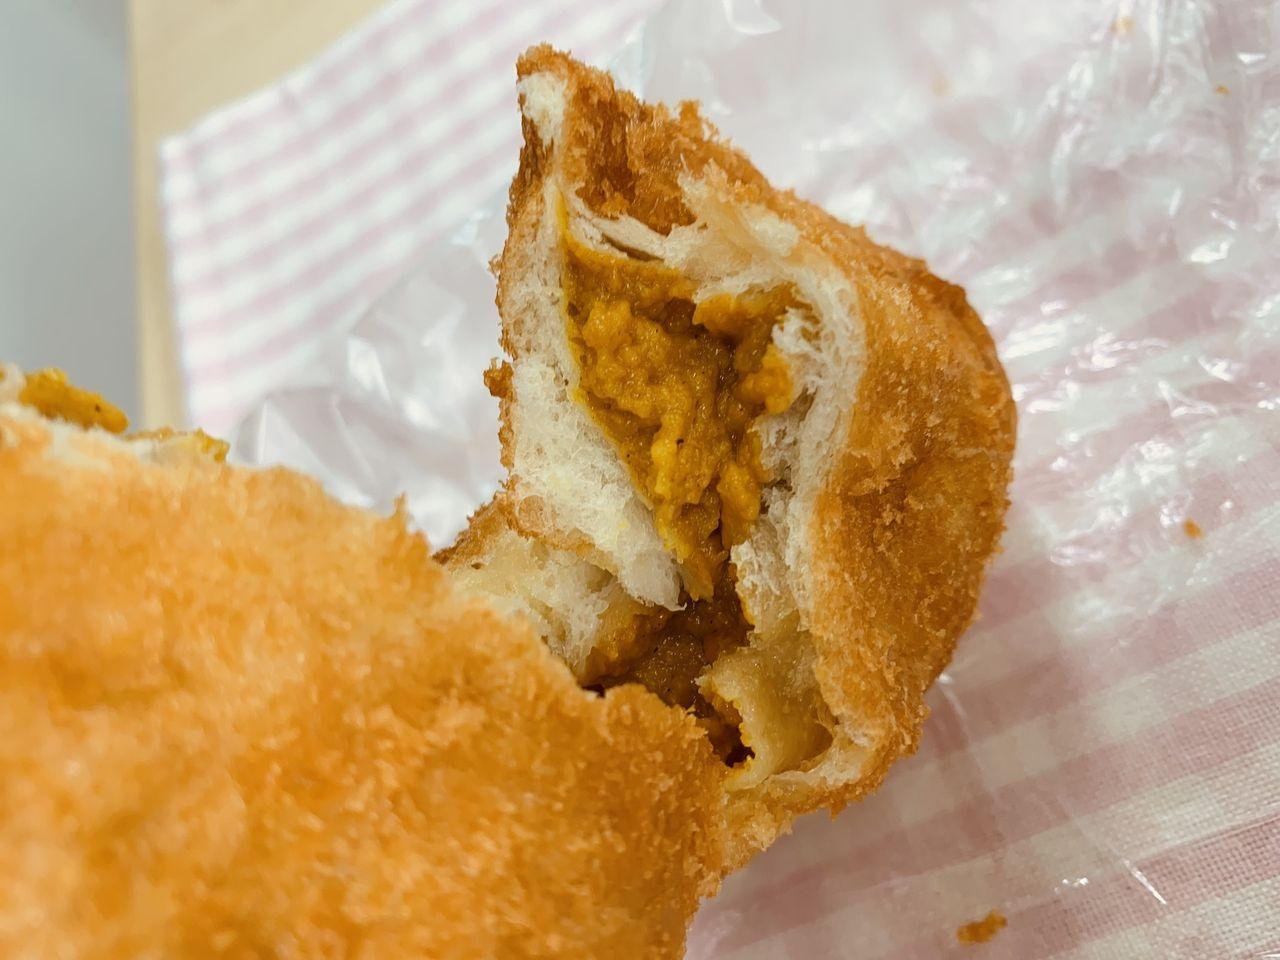 【三郷市食べ歩きブログ】子供頃お世話になった三郷市戸ケ崎2丁目にある「パスタベーカリー」へ行ってきました!